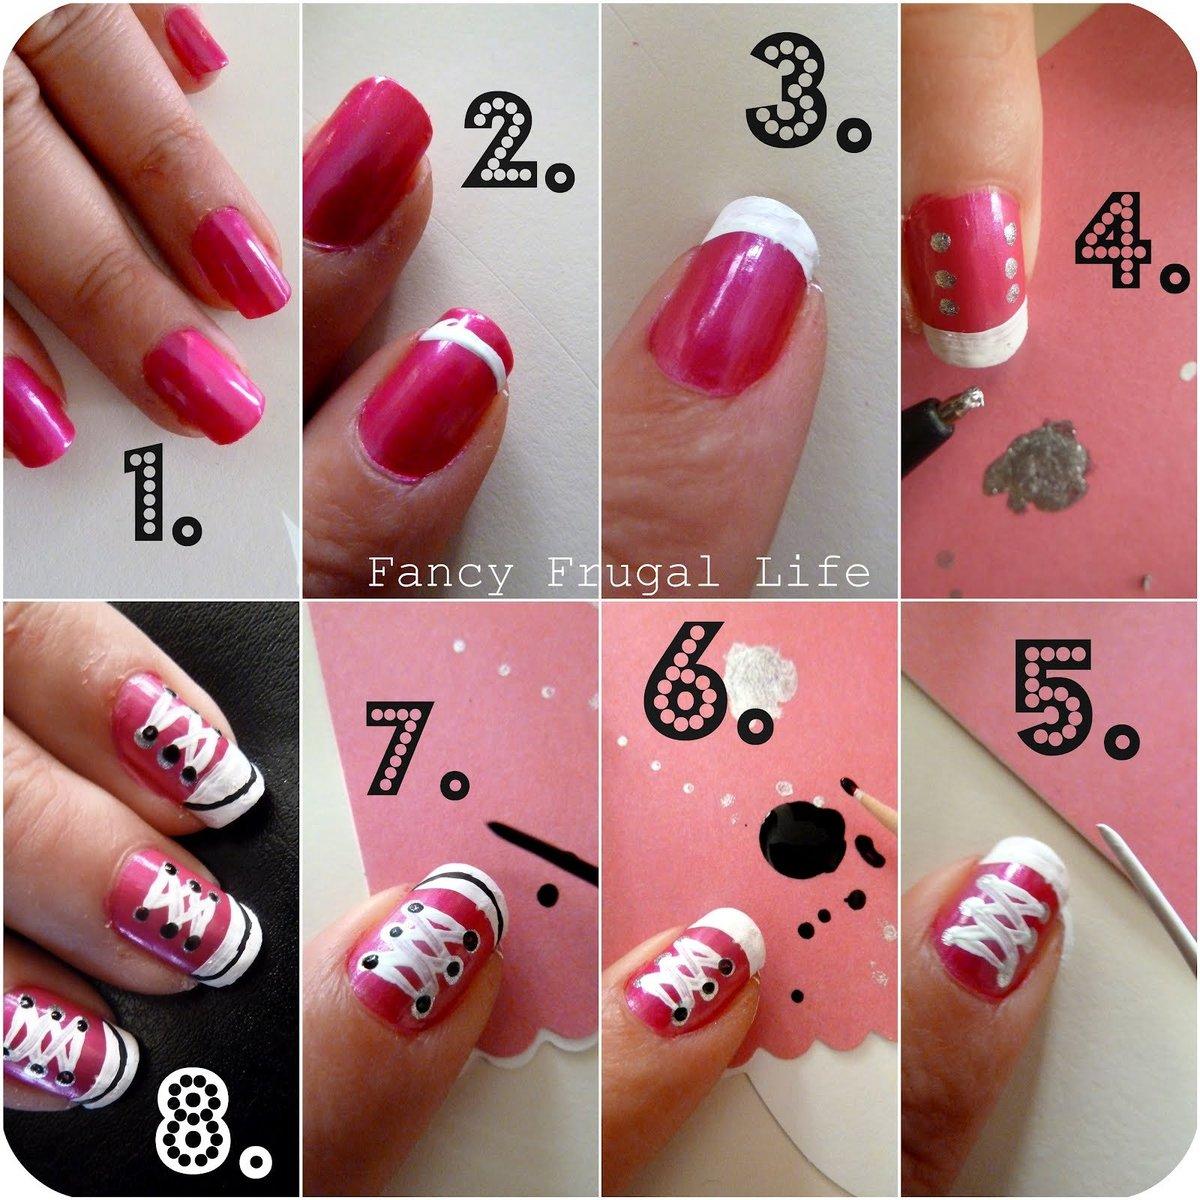 Кеды на ногтях поэтапно фото для начинающих